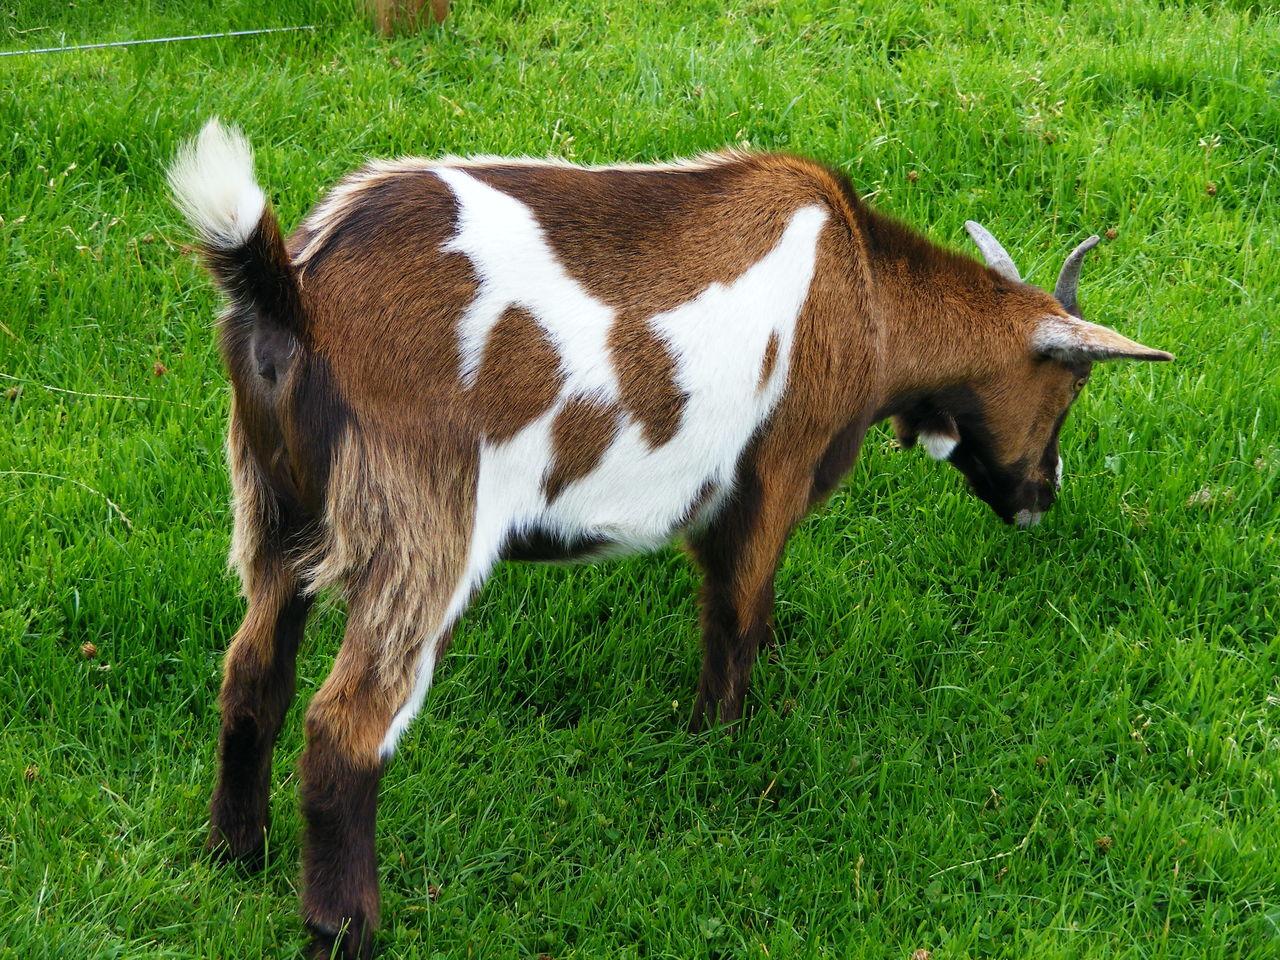 Goat Grazing On Grassy Field